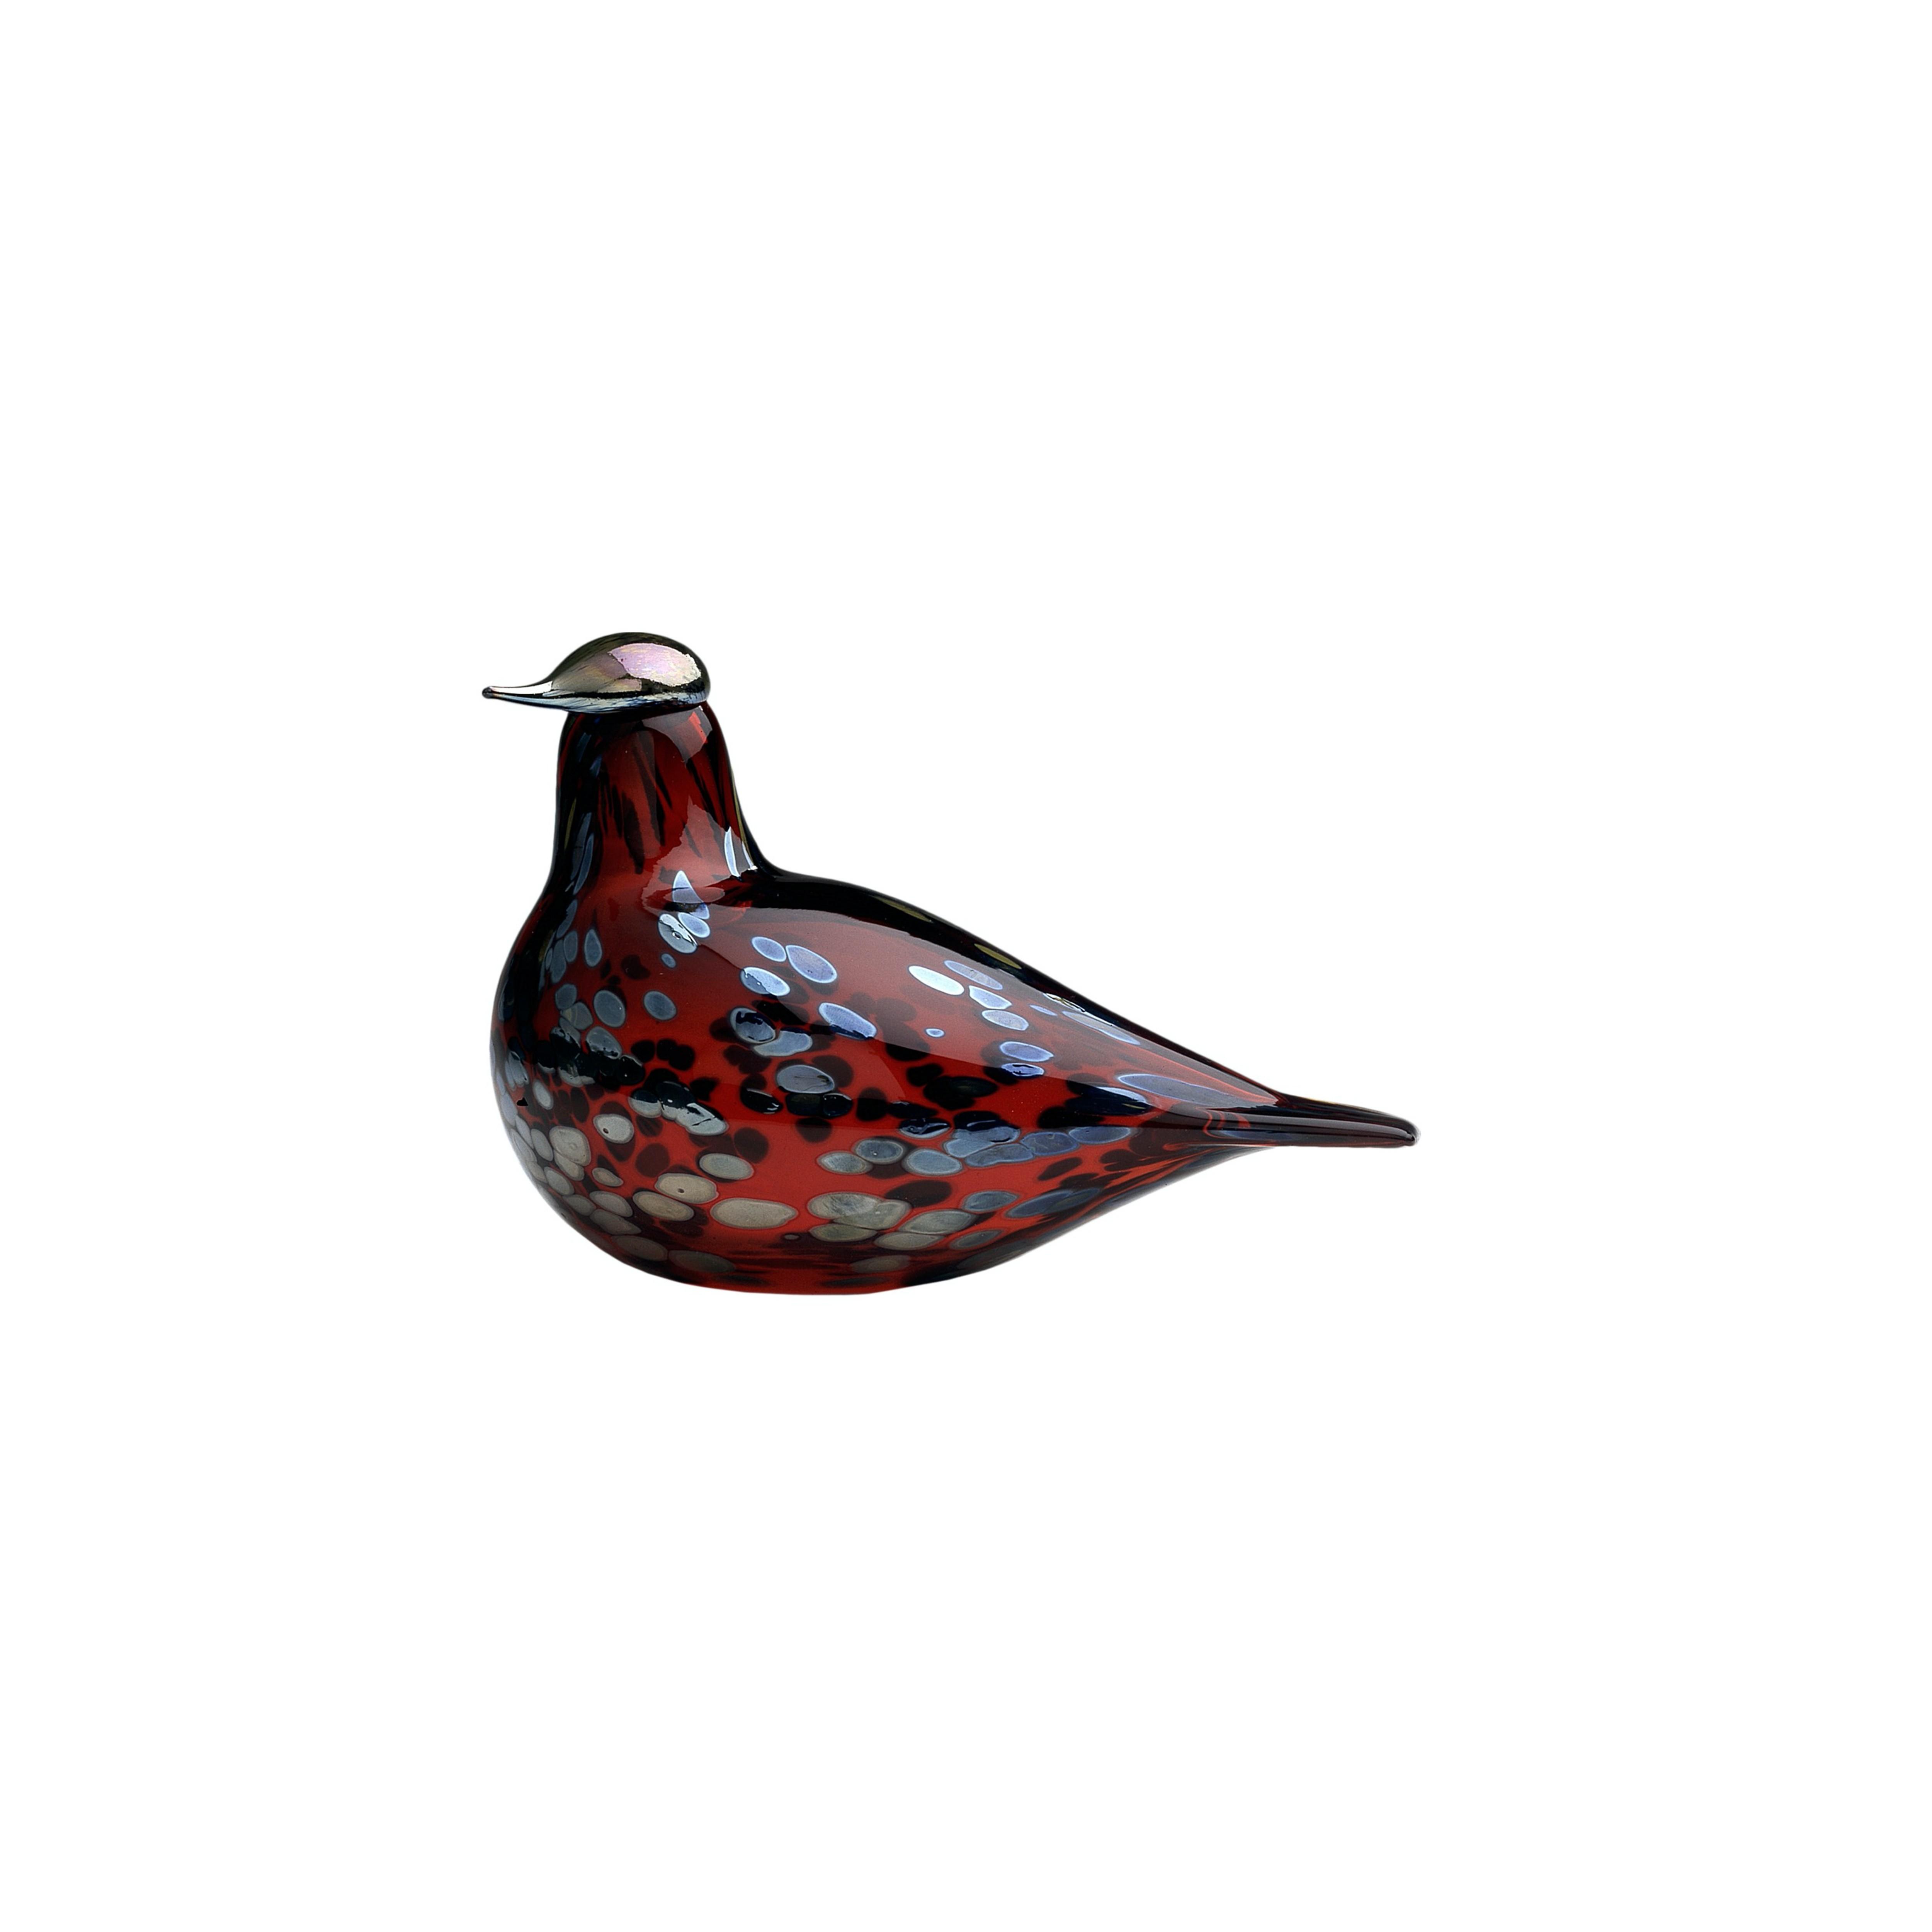 iittala Birds by Toikka - Ruby bird